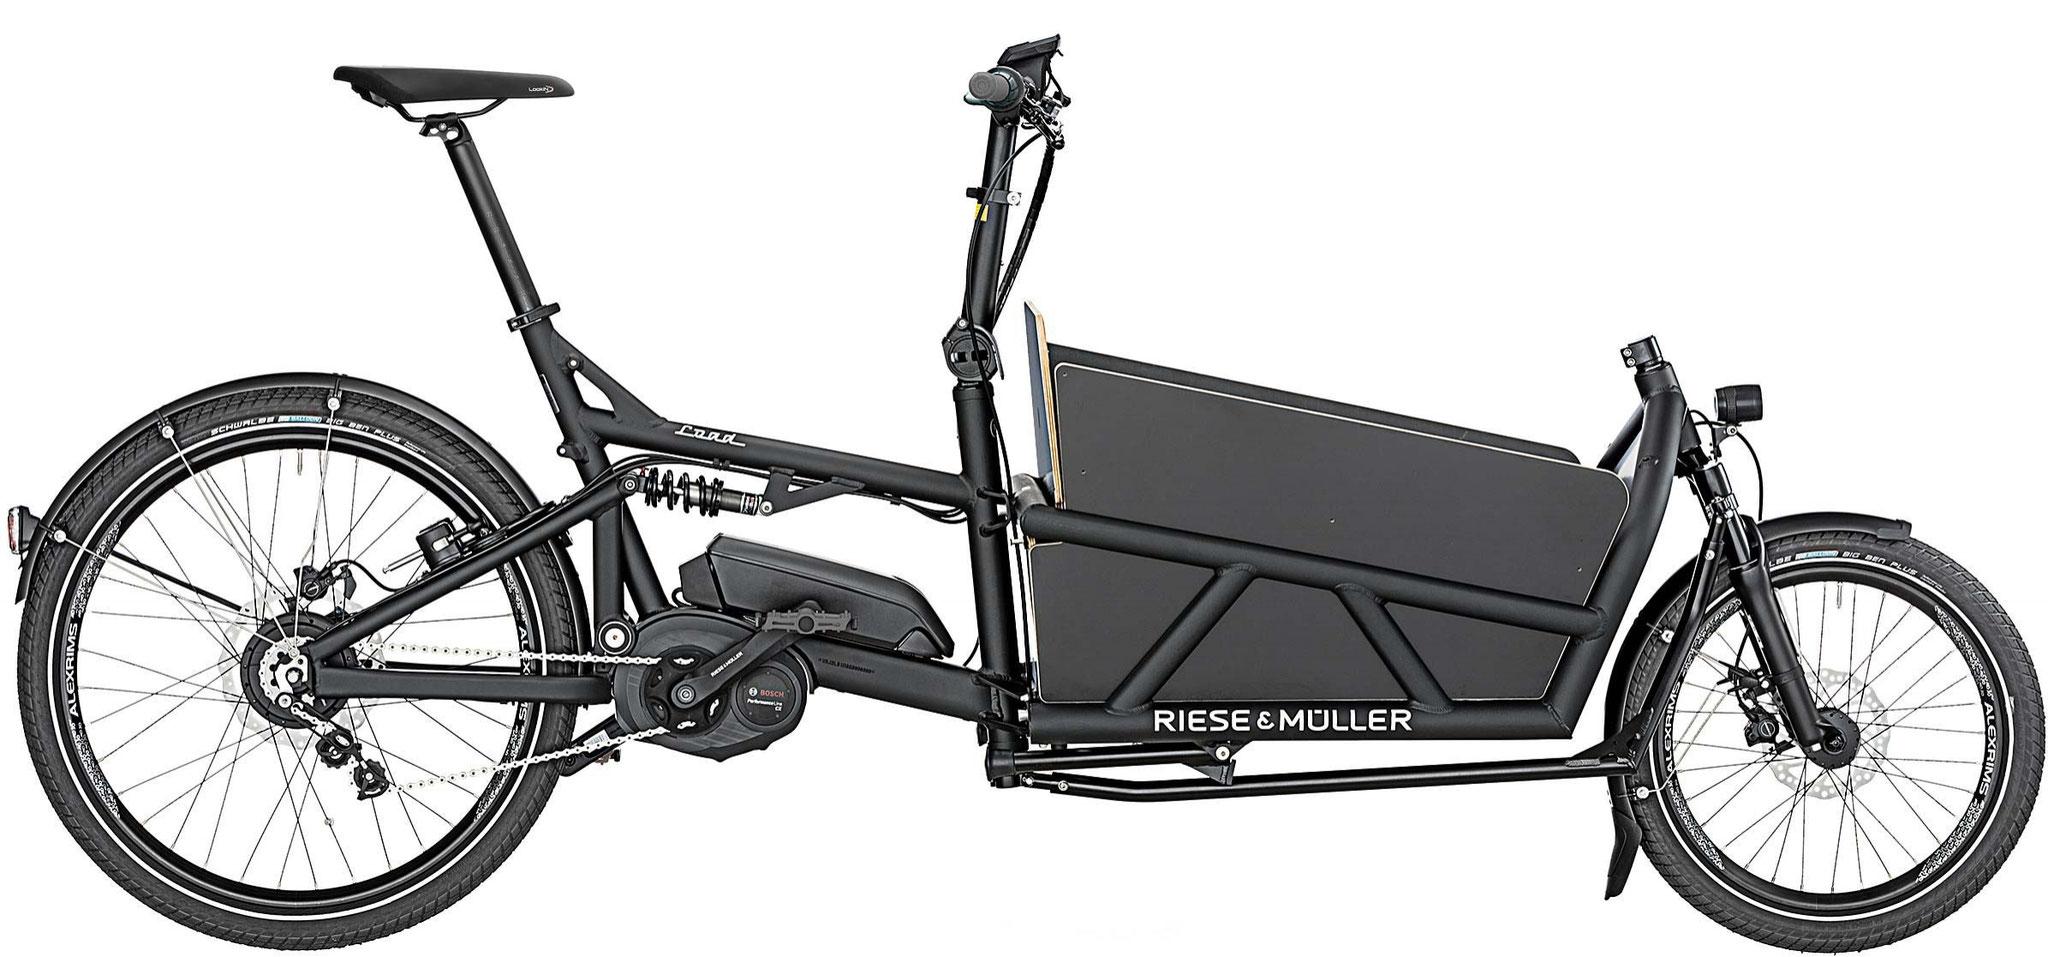 Riese & Müller Load 60 vario / Load 60 vario HS - graphite matt